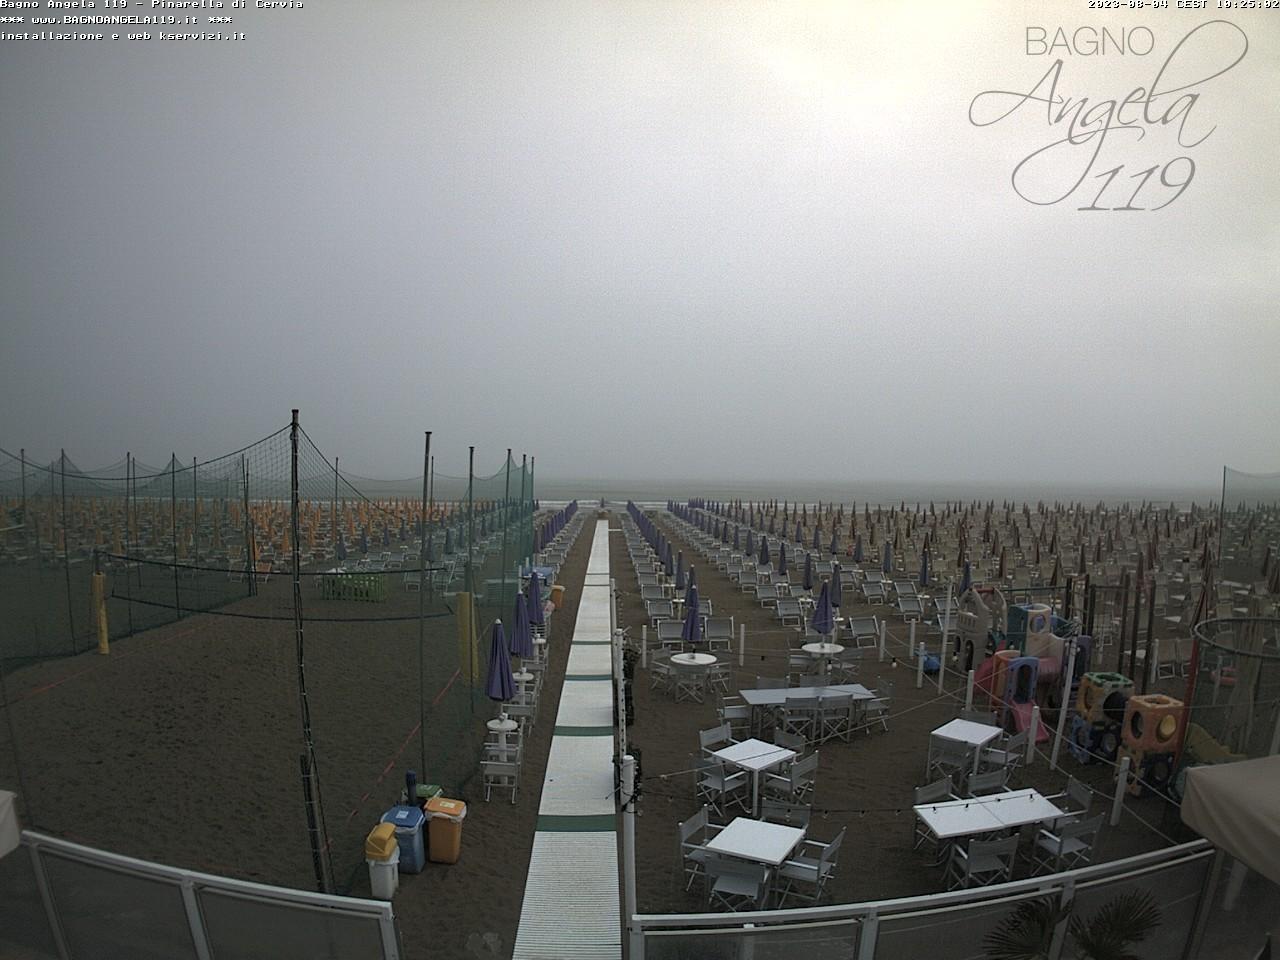 Webcam pinarella di cervia bagno angela beach - Bagno palm beach pinarella ...